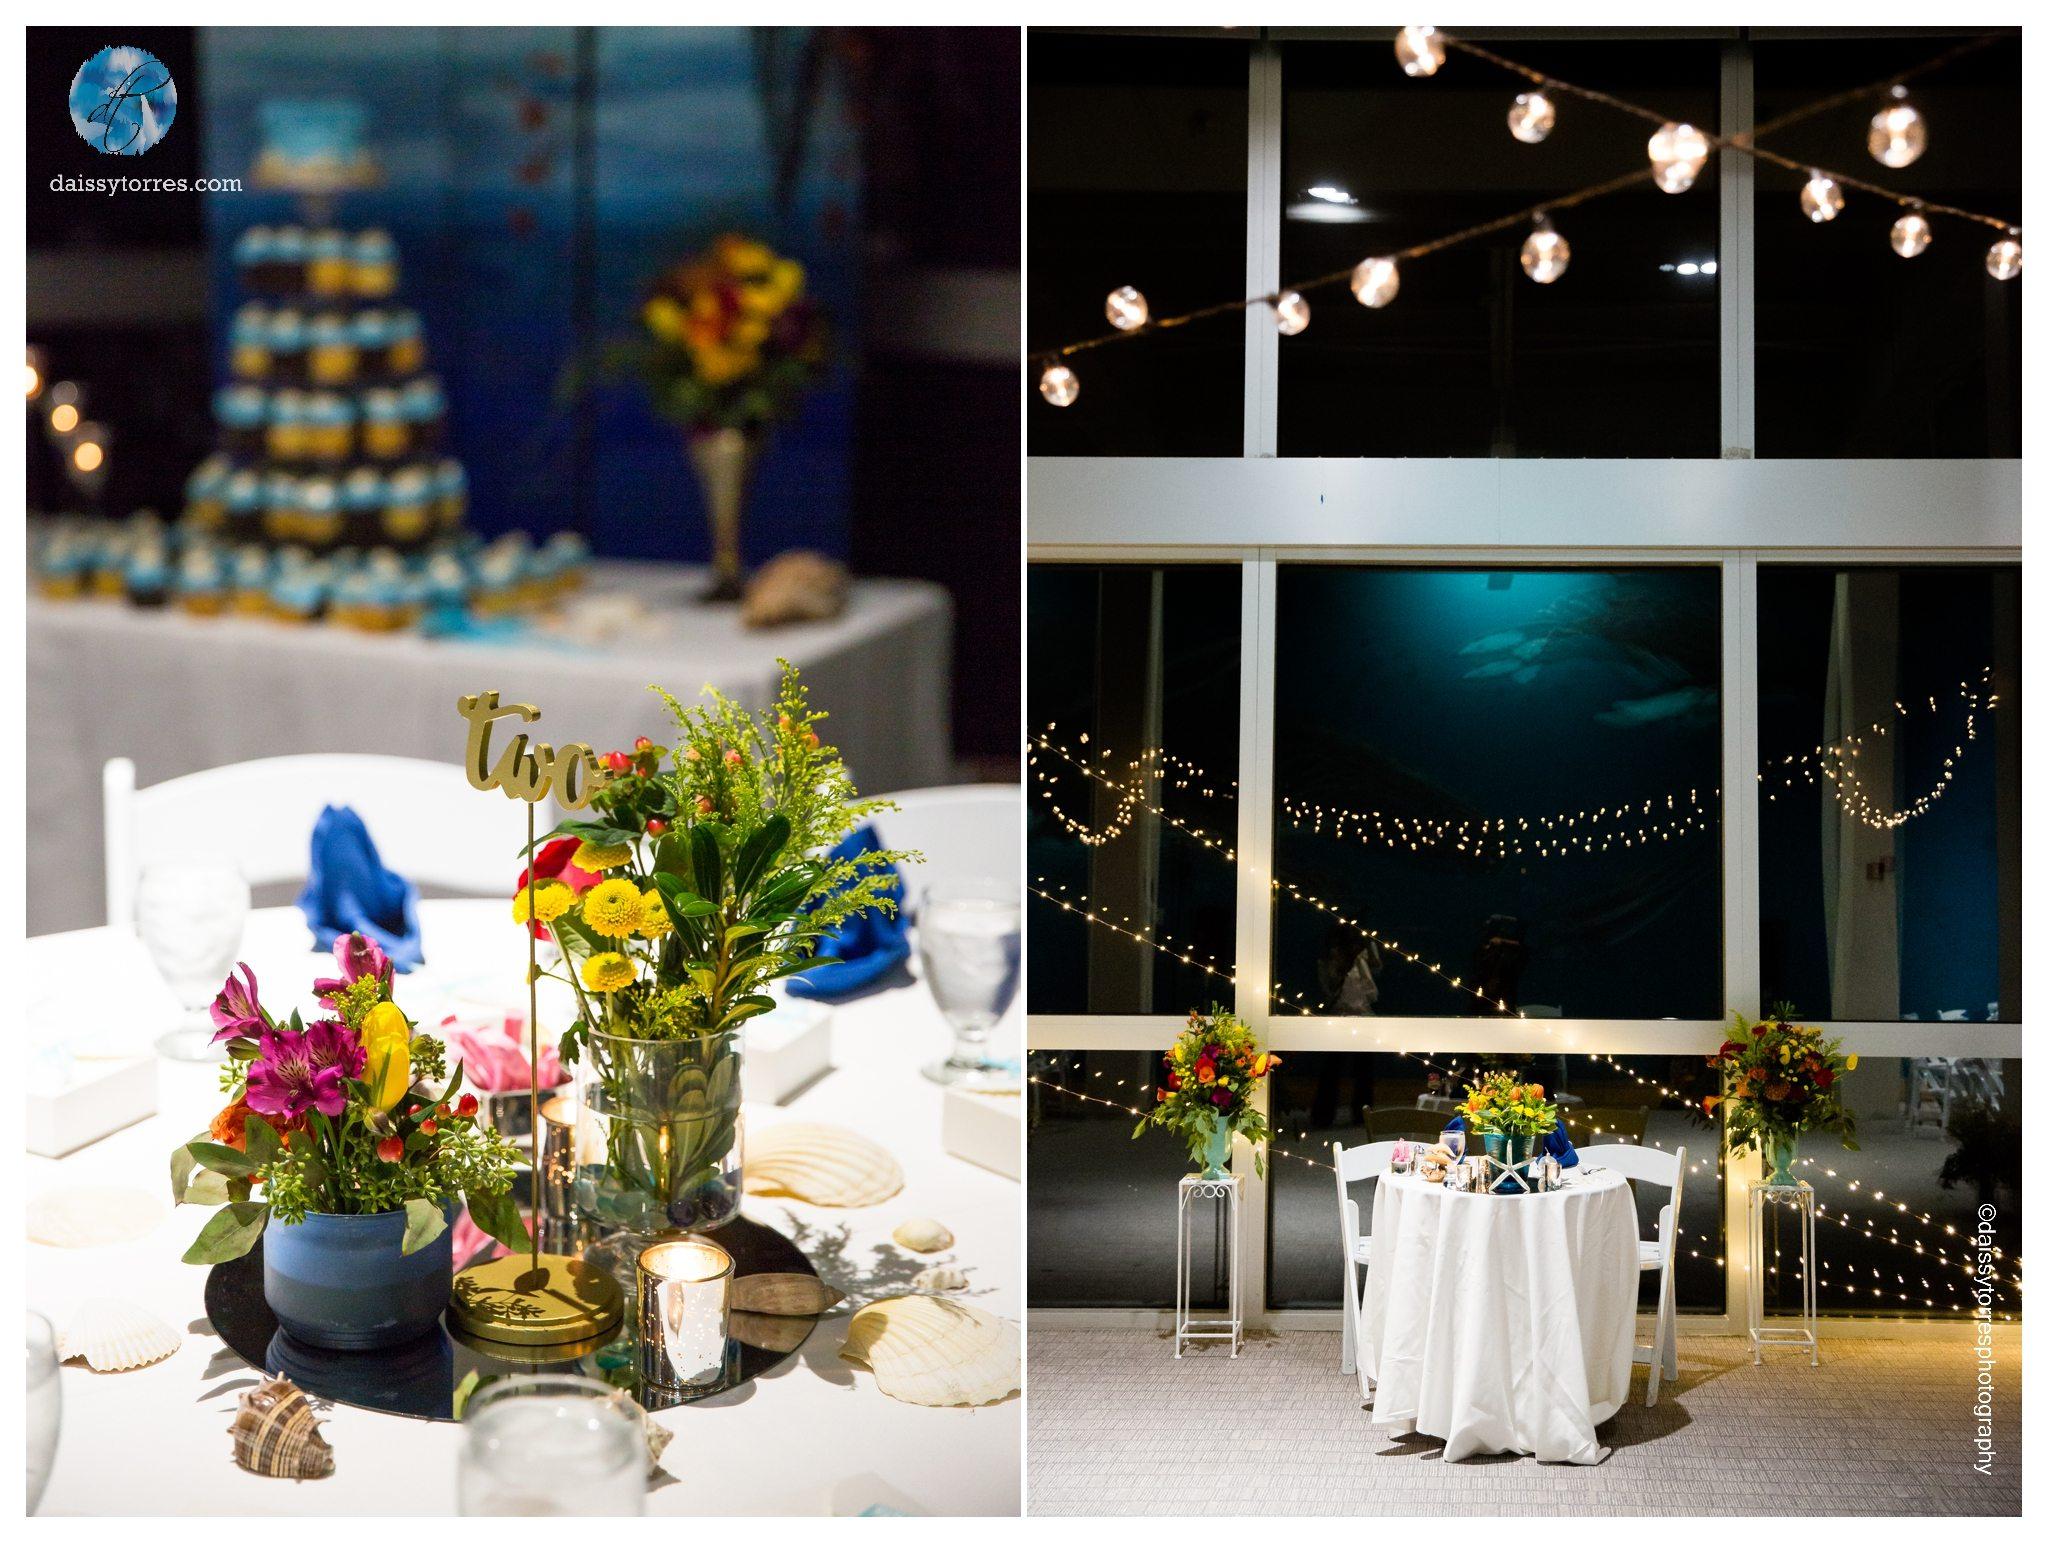 Virginia aquarium wedding 11 daissy torres photography virginia aquarium wedding wedding decorations junglespirit Choice Image